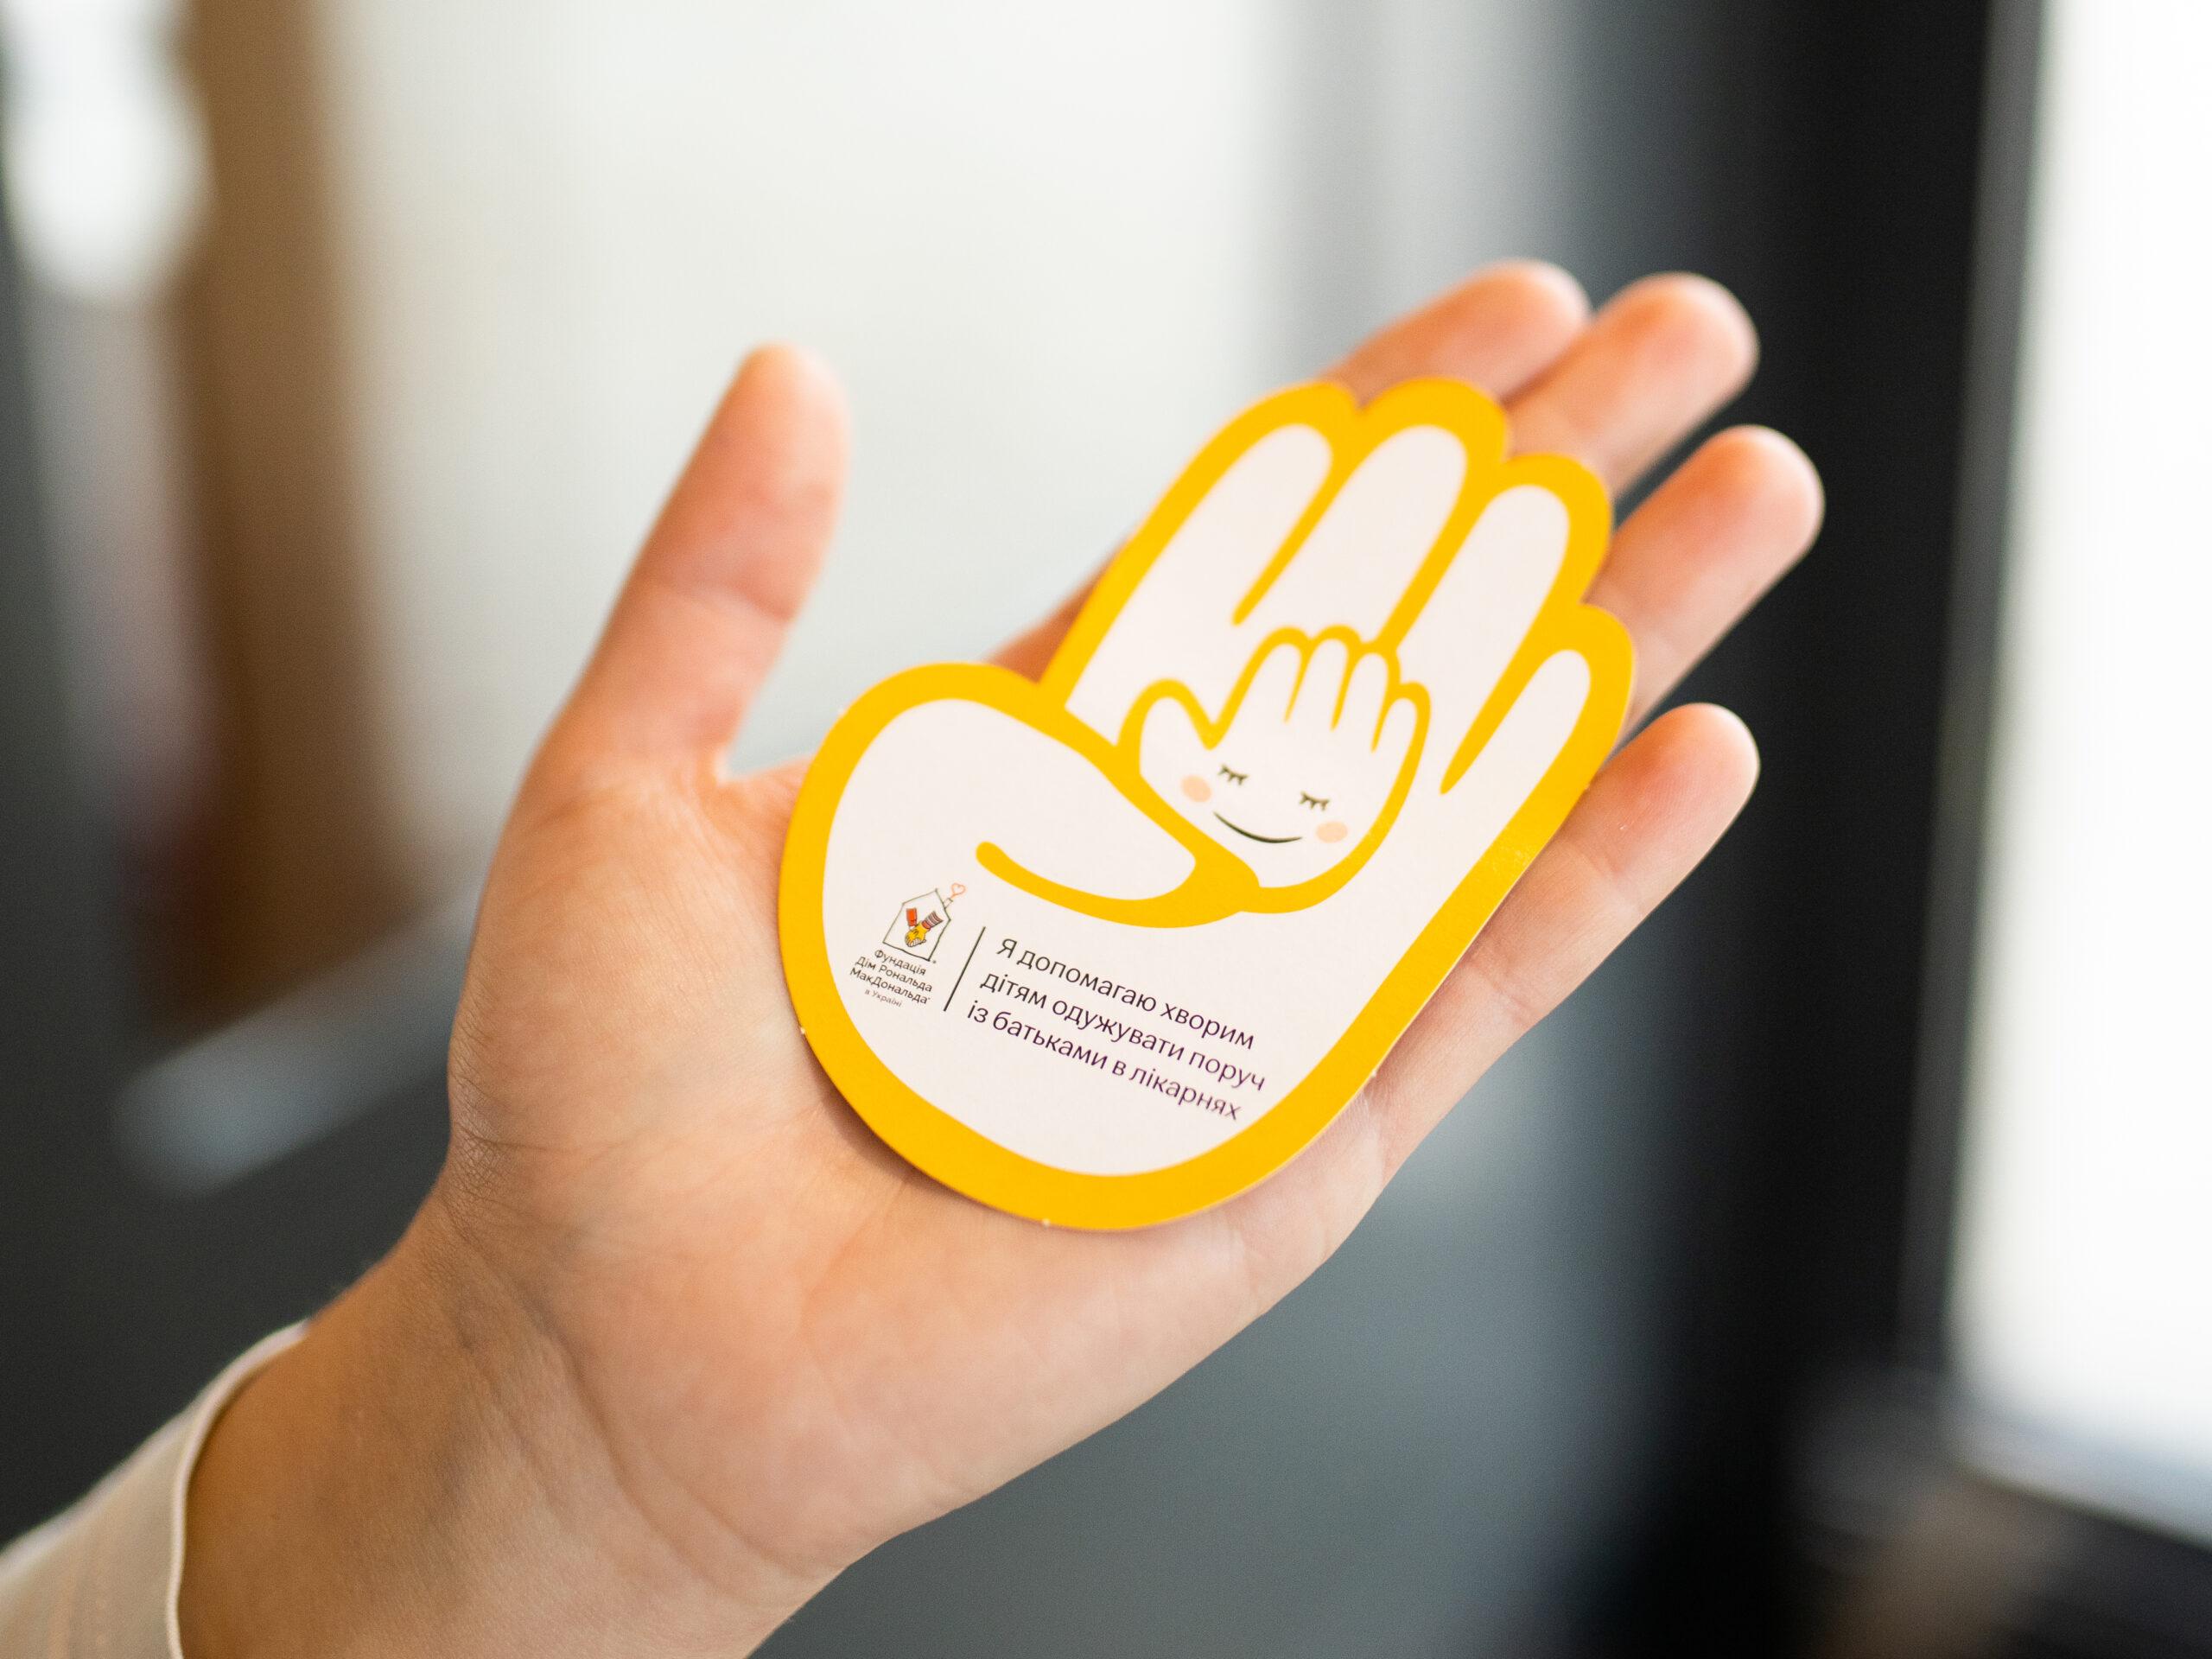 """""""Долоньці щастя"""" – 20 років. МакДональдз запустив ювілейну благодійну кампанію, щоб підтримати Сімейні кімнати в дитячих лікарнях"""